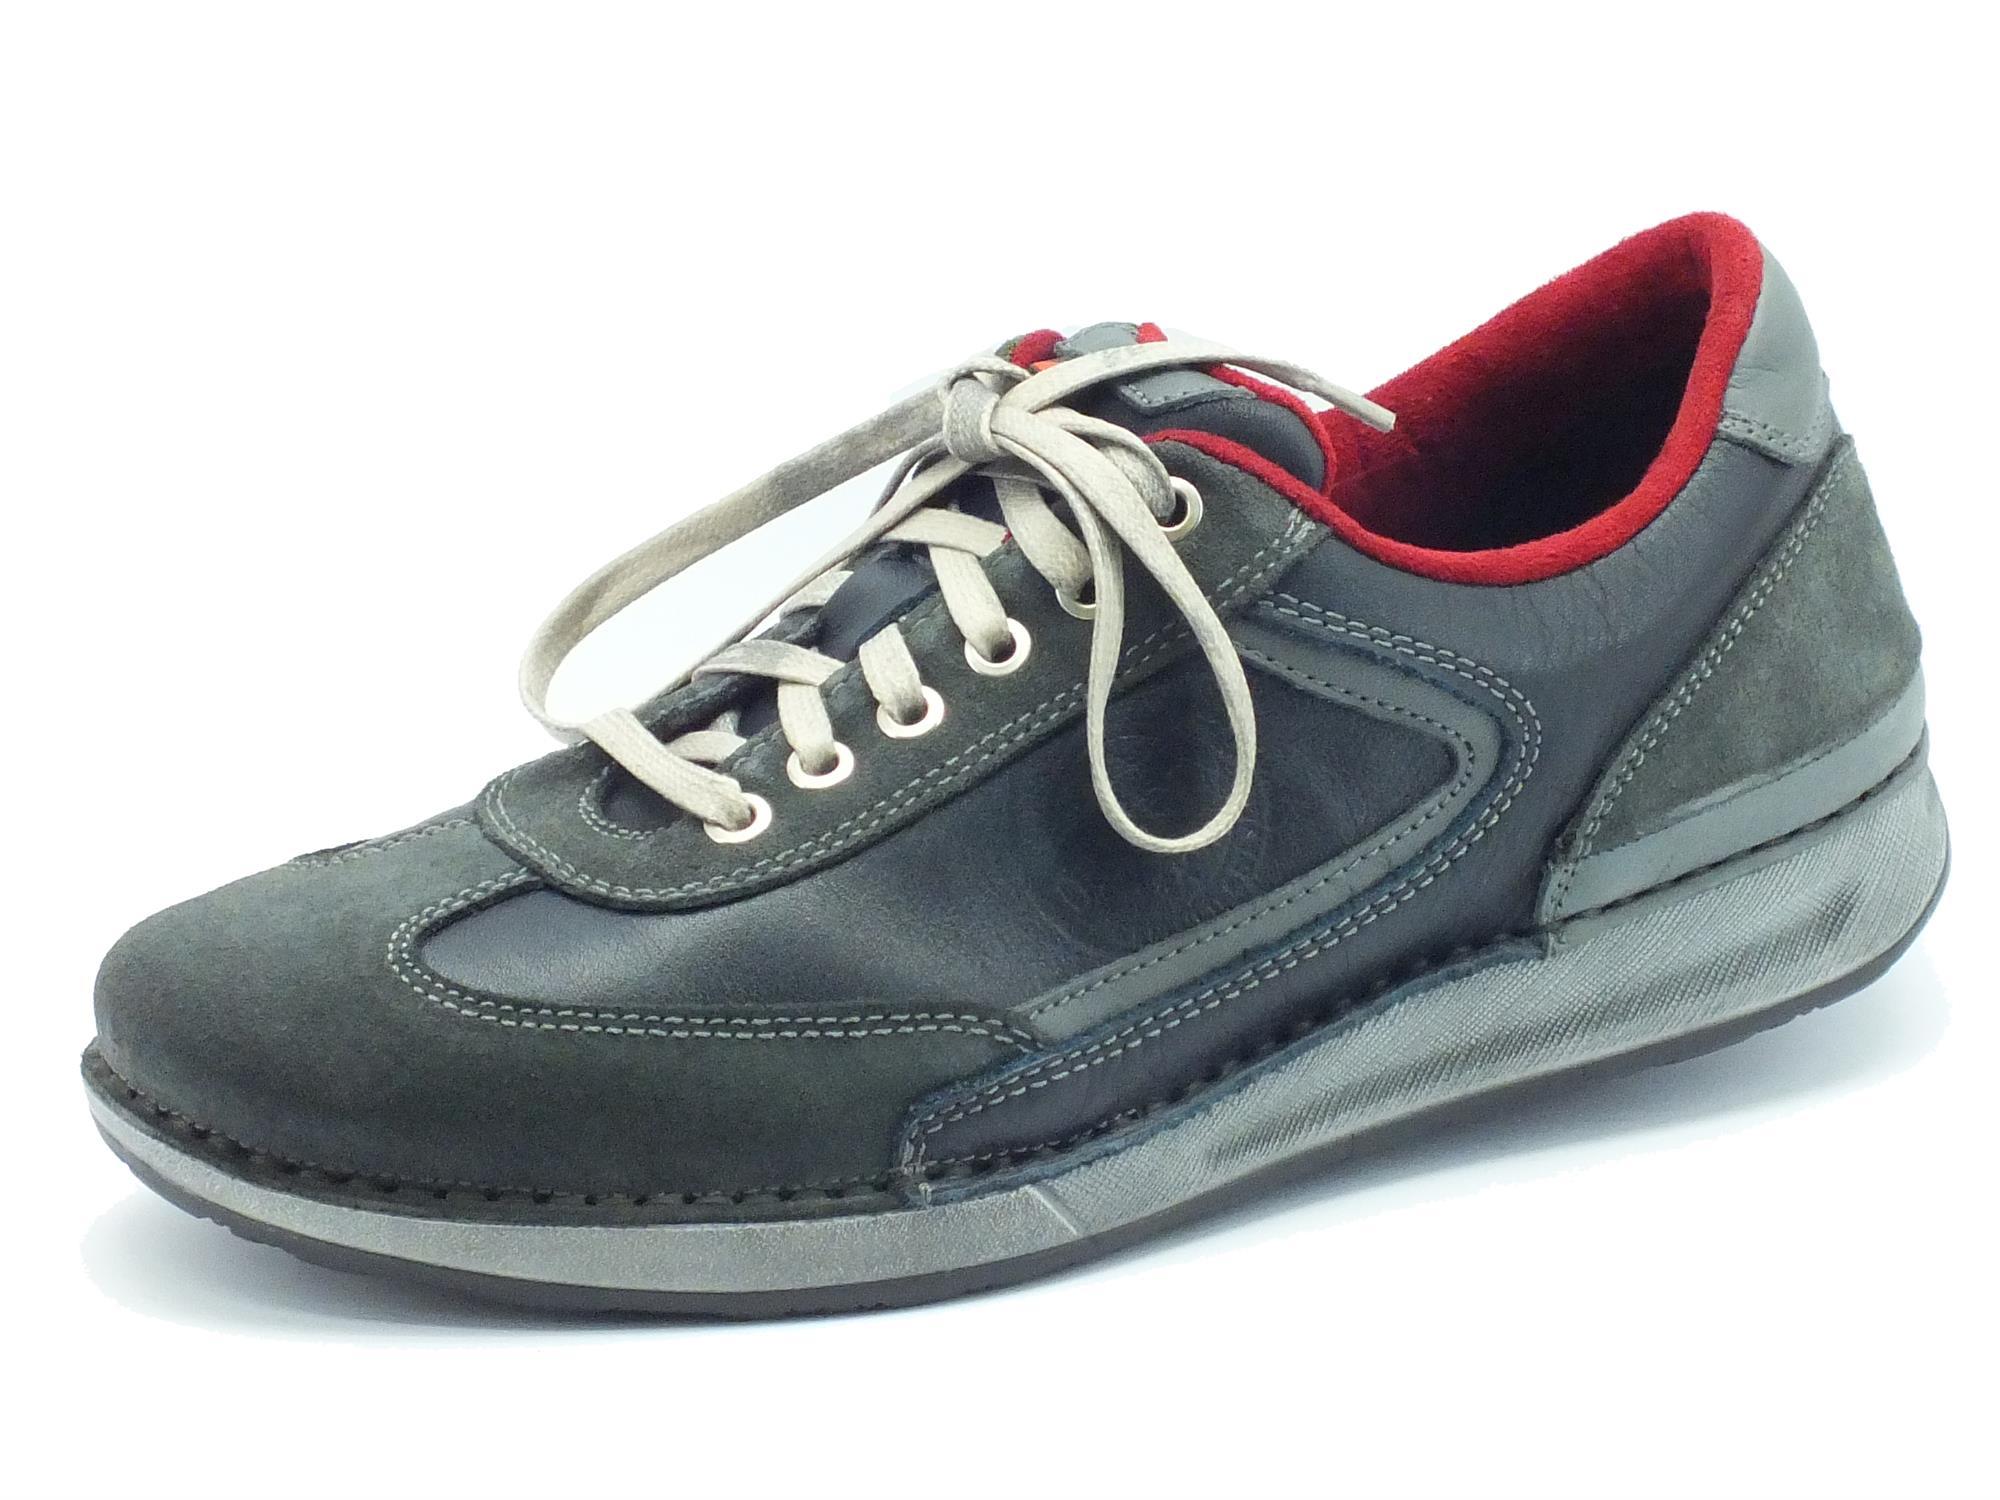 Scarpe Zen modello sportivo pelle blu grigia - Vitiello Calzature 42d8a334a6a